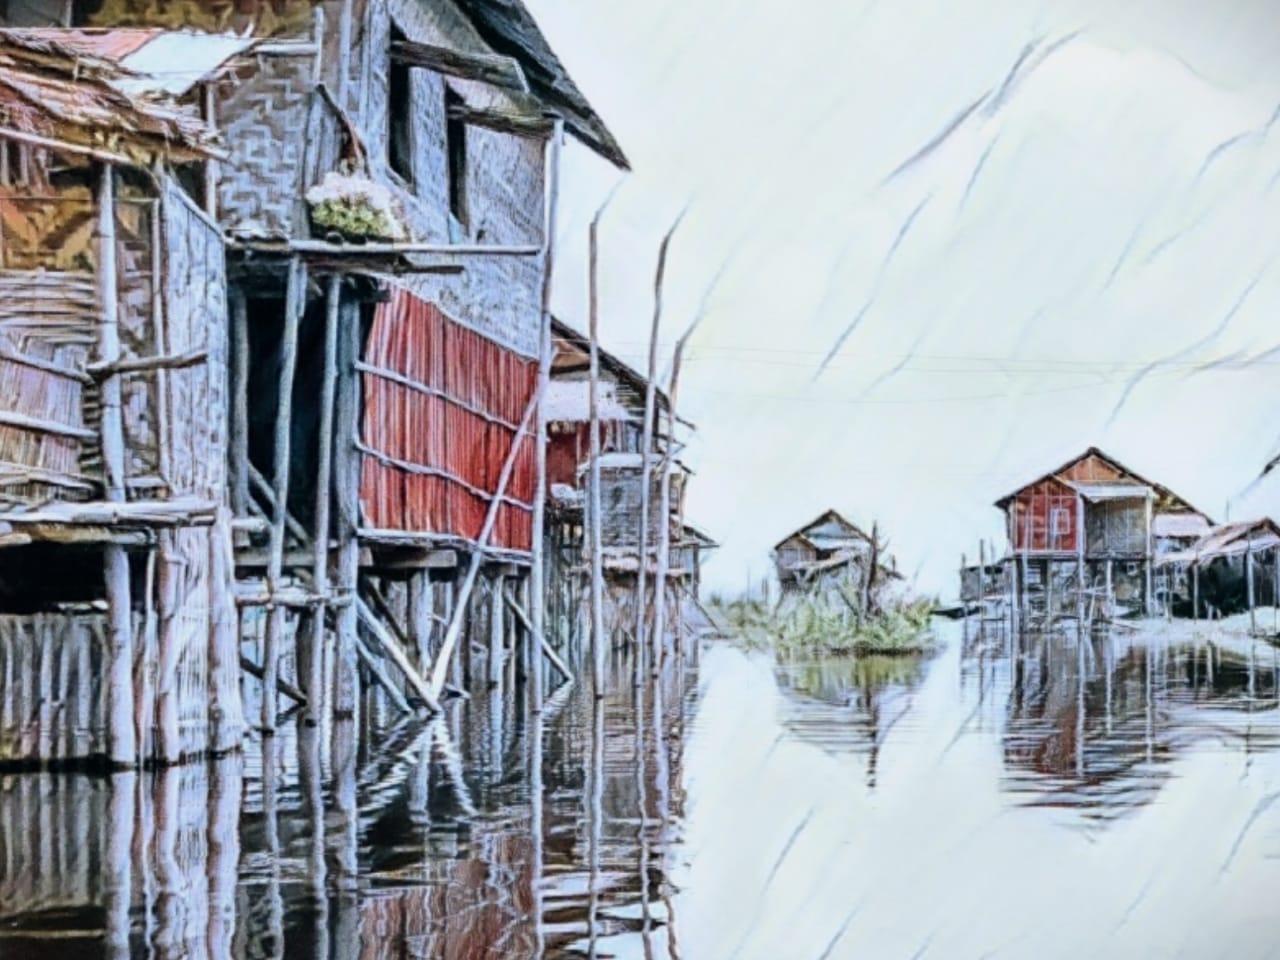 https: img-z.okeinfo.net content 2020 01 26 512 2158450 banjir-bandang-melanda-kabupaten-batang-jawa-tengah-JnSDc26Nep.jpg